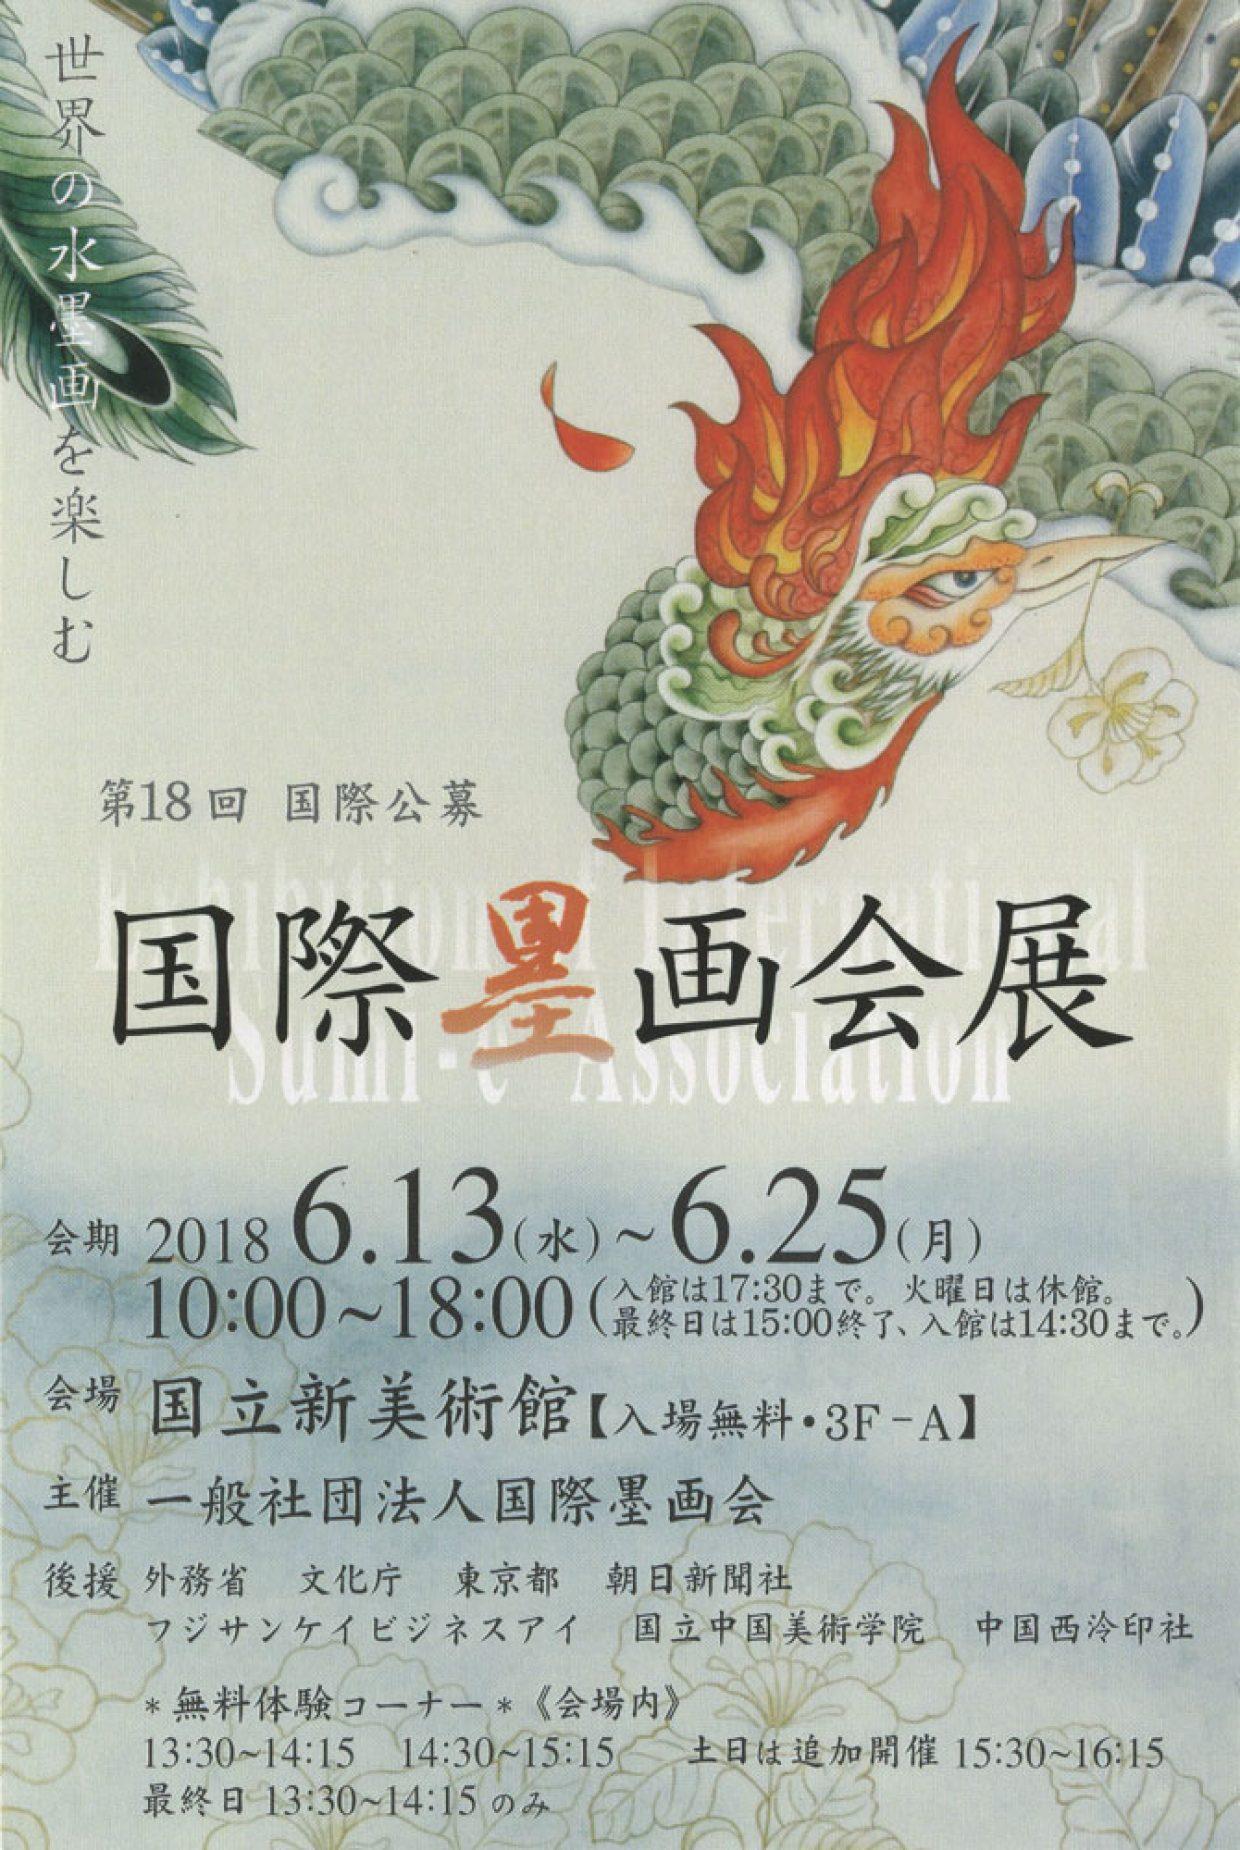 第18回国際墨画会展<br />展示のお知らせ 森一雄さん